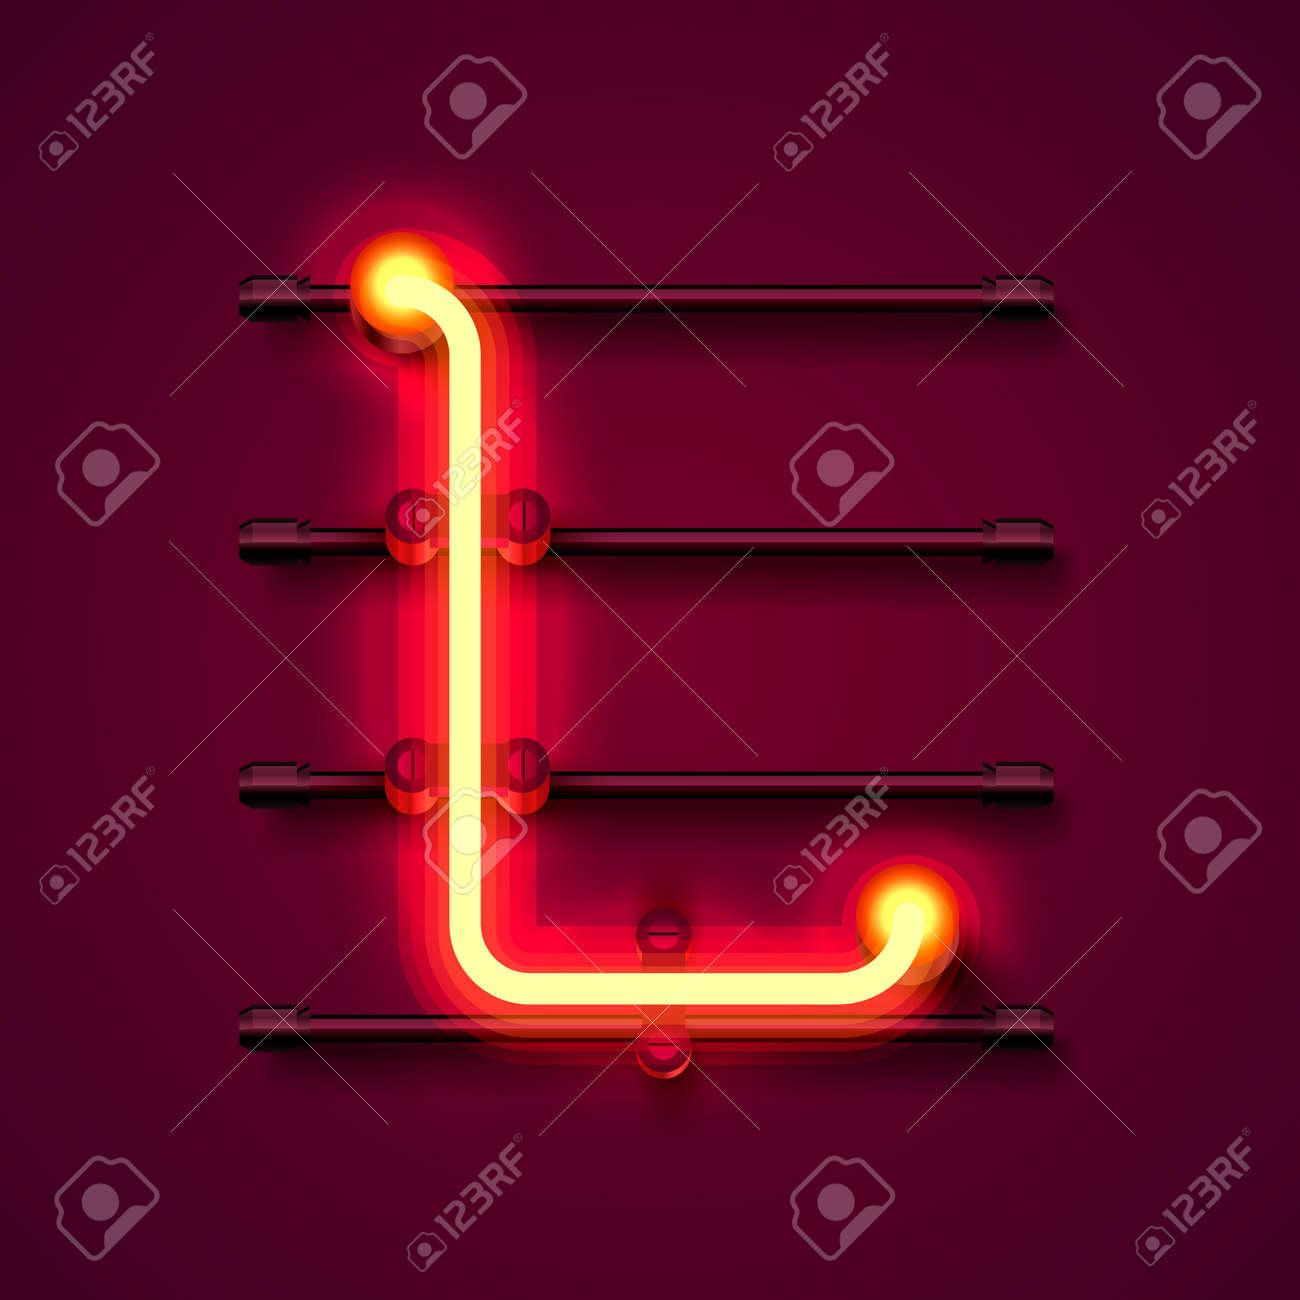 Neon font letter L, art design signboard. Vector illustration - 128490400